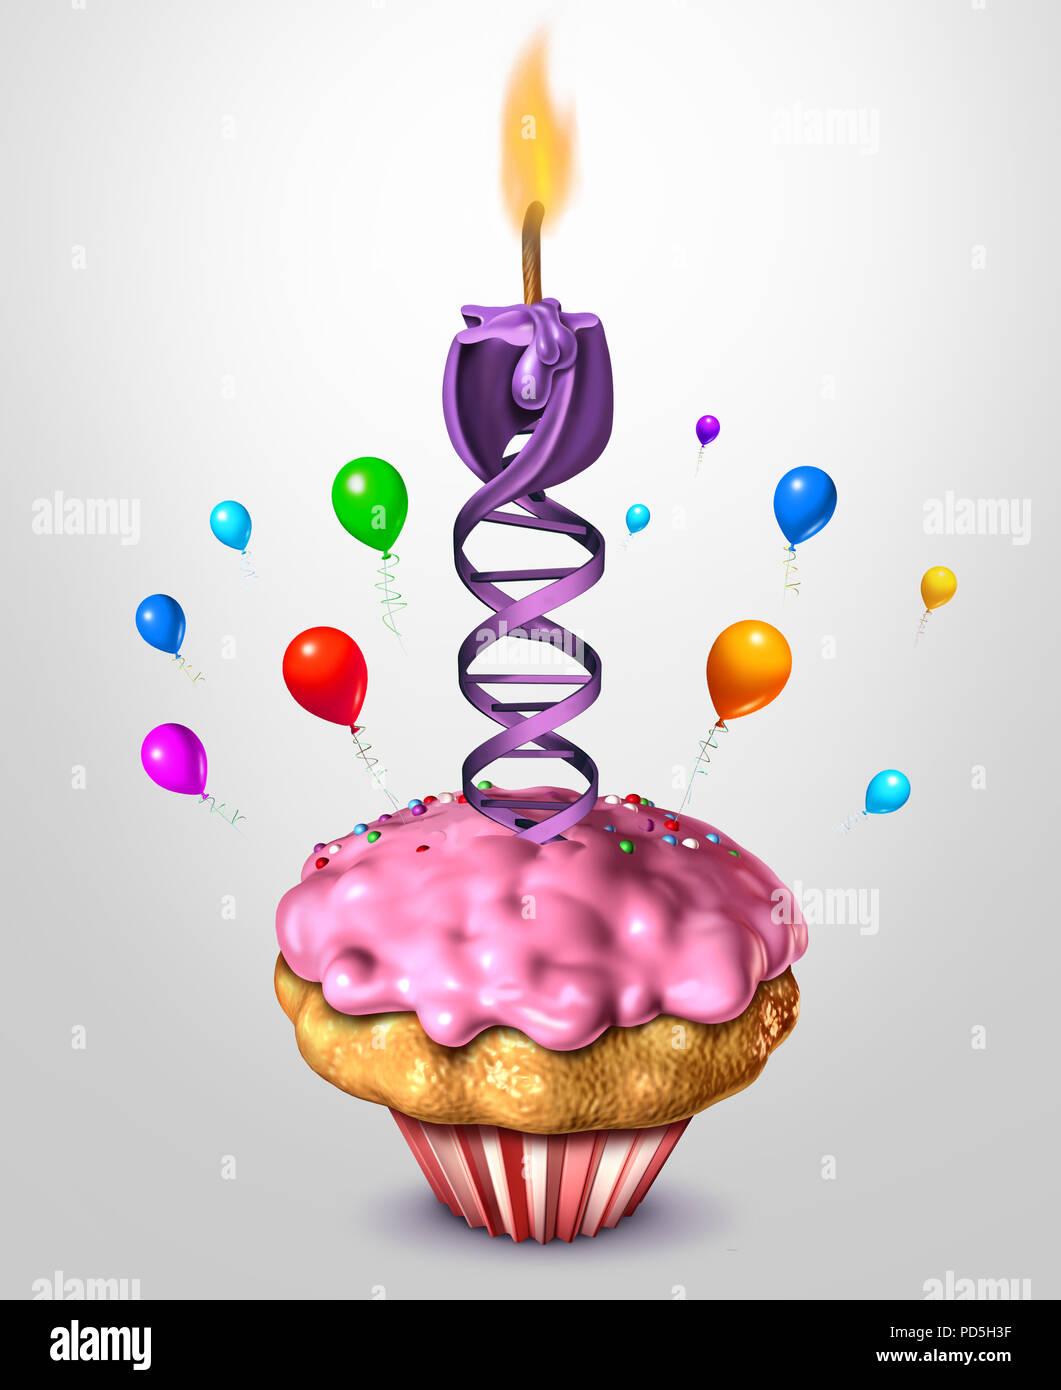 Le vieillissement et la santé La science de l'ADN concept le renversement des âges ou de la vie humaine en tant que concept biologie longévité 3D render. Photo Stock